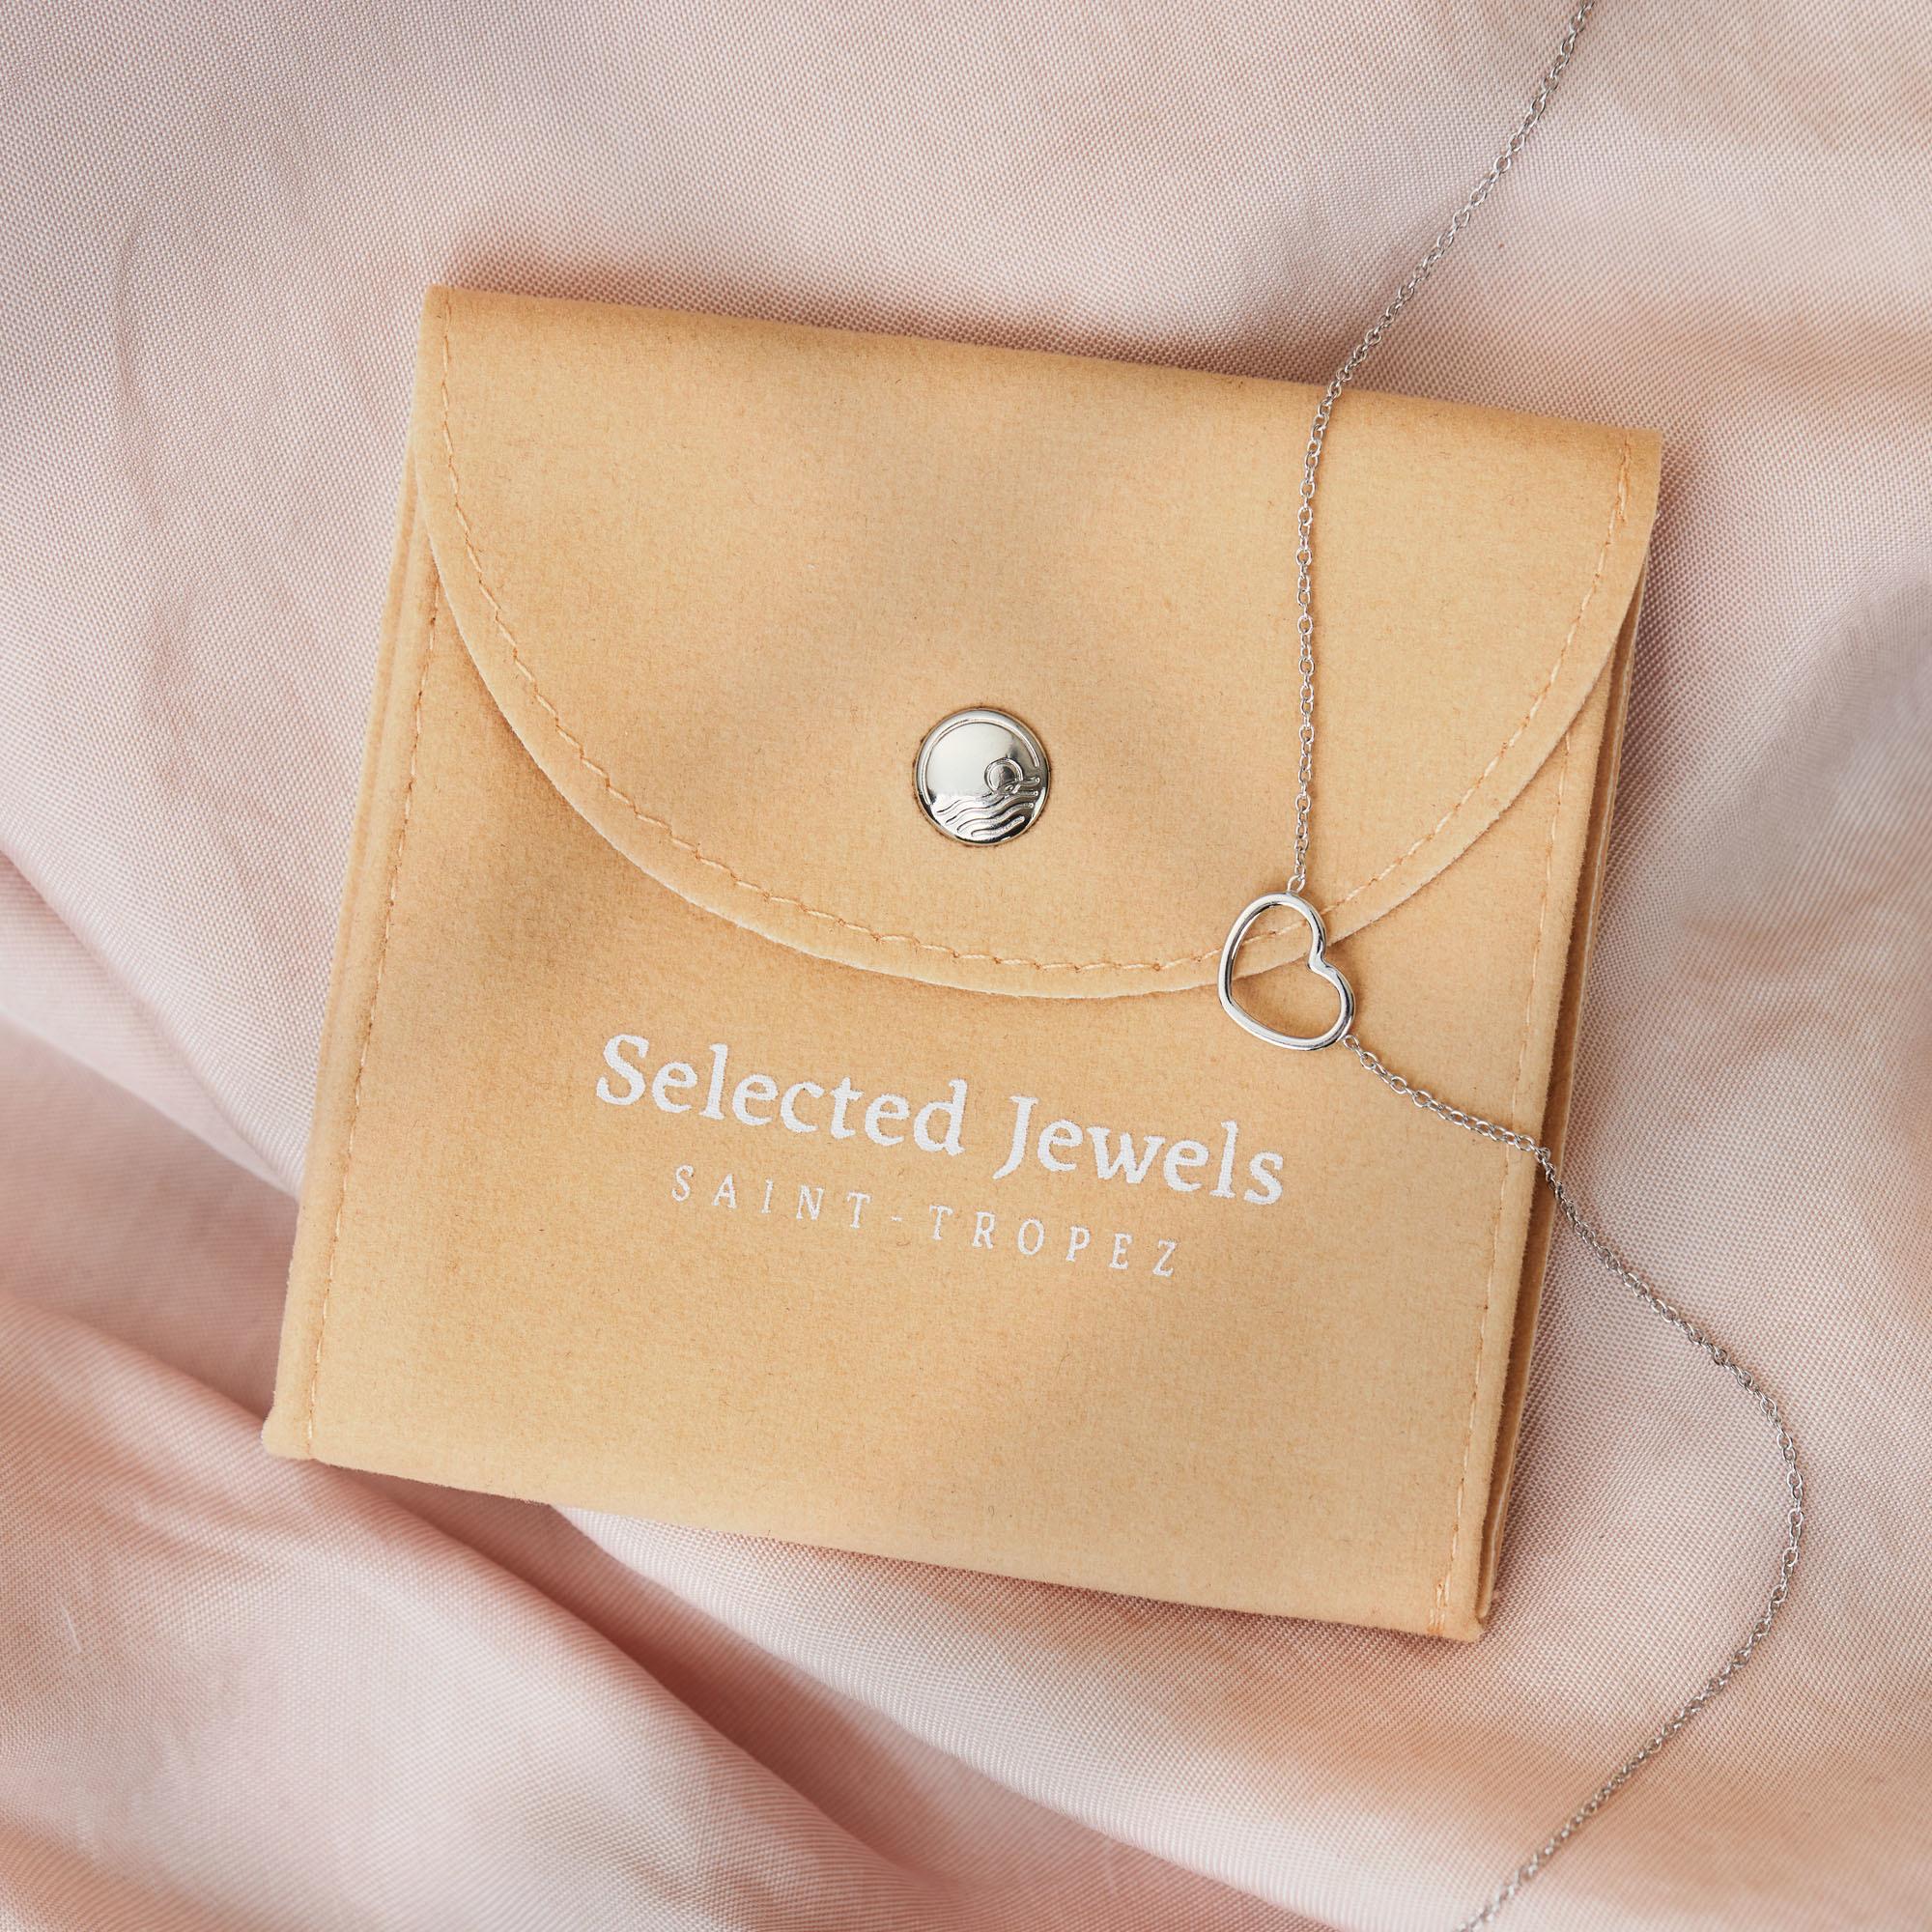 Selected Jewels Selected Gifts 925 sterling silver earrings set of 3 pairs of hoop earrings